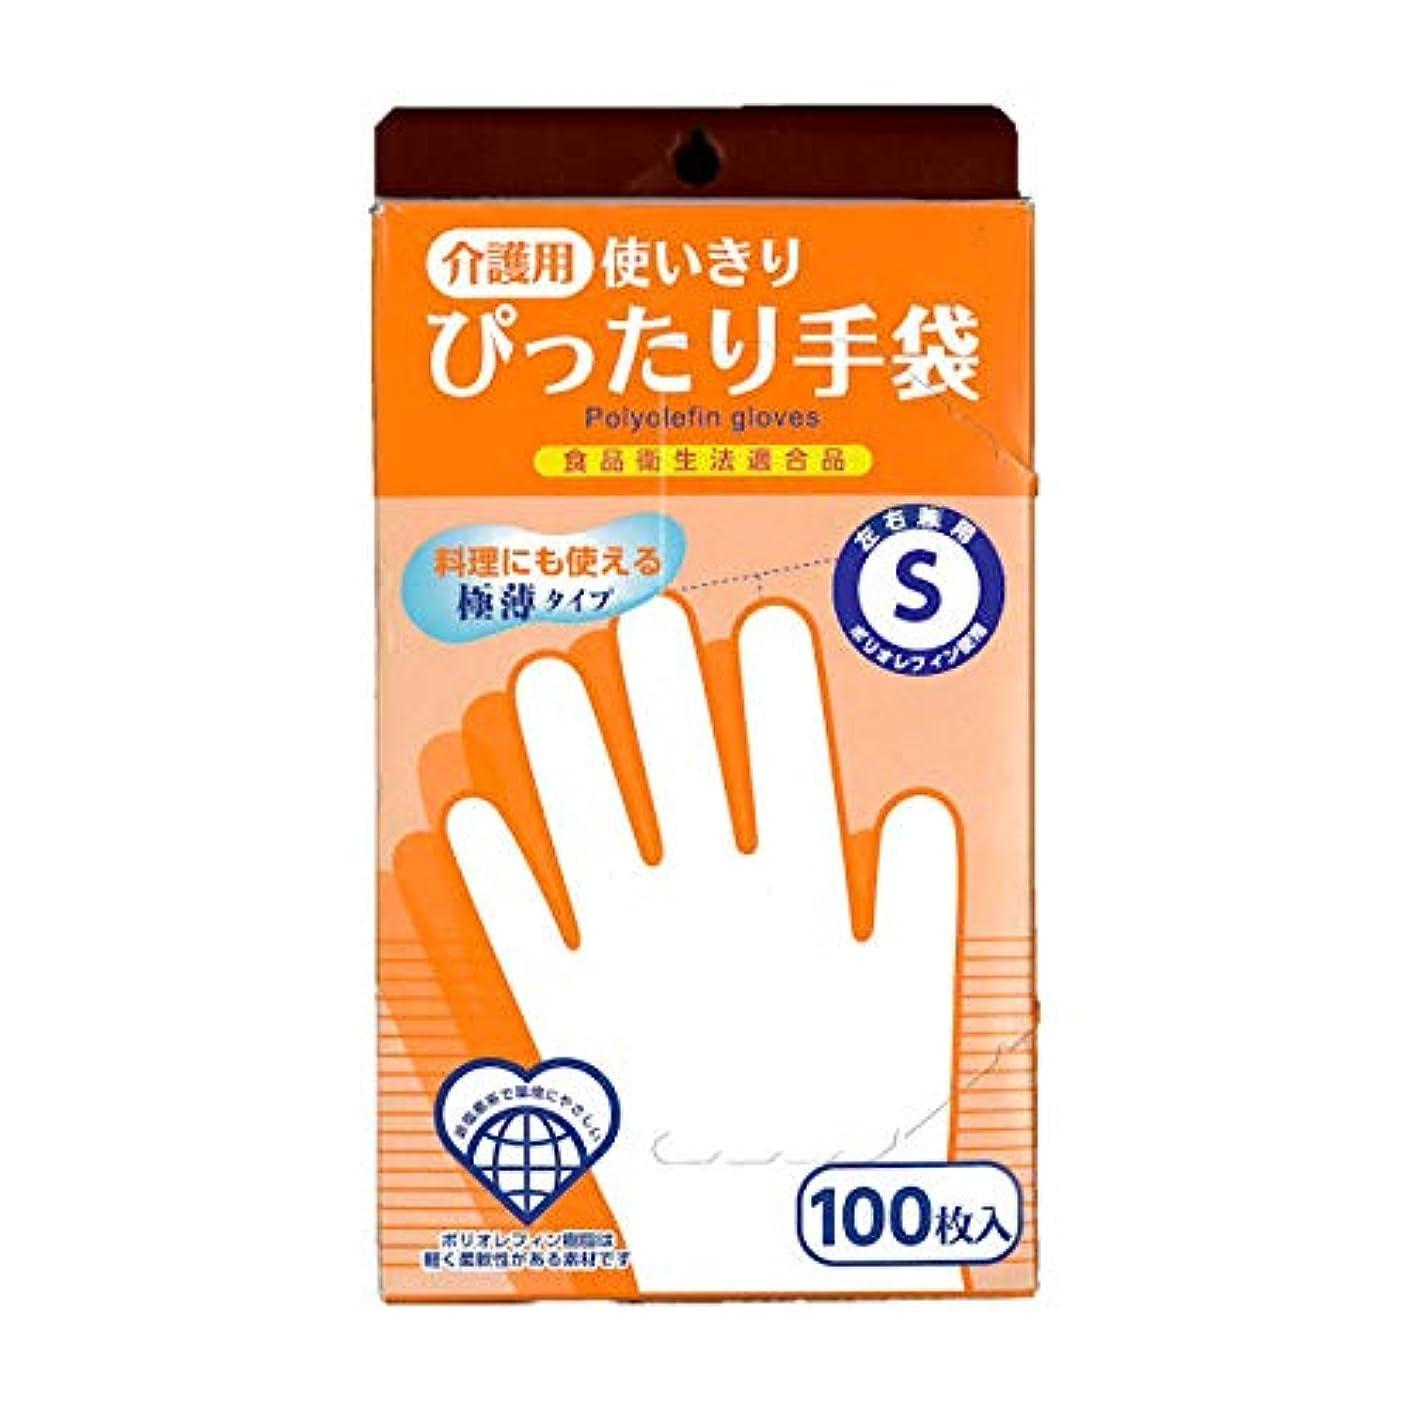 奥田薬品 介護用 使いきりぴったり手袋 Sサイズ 100枚